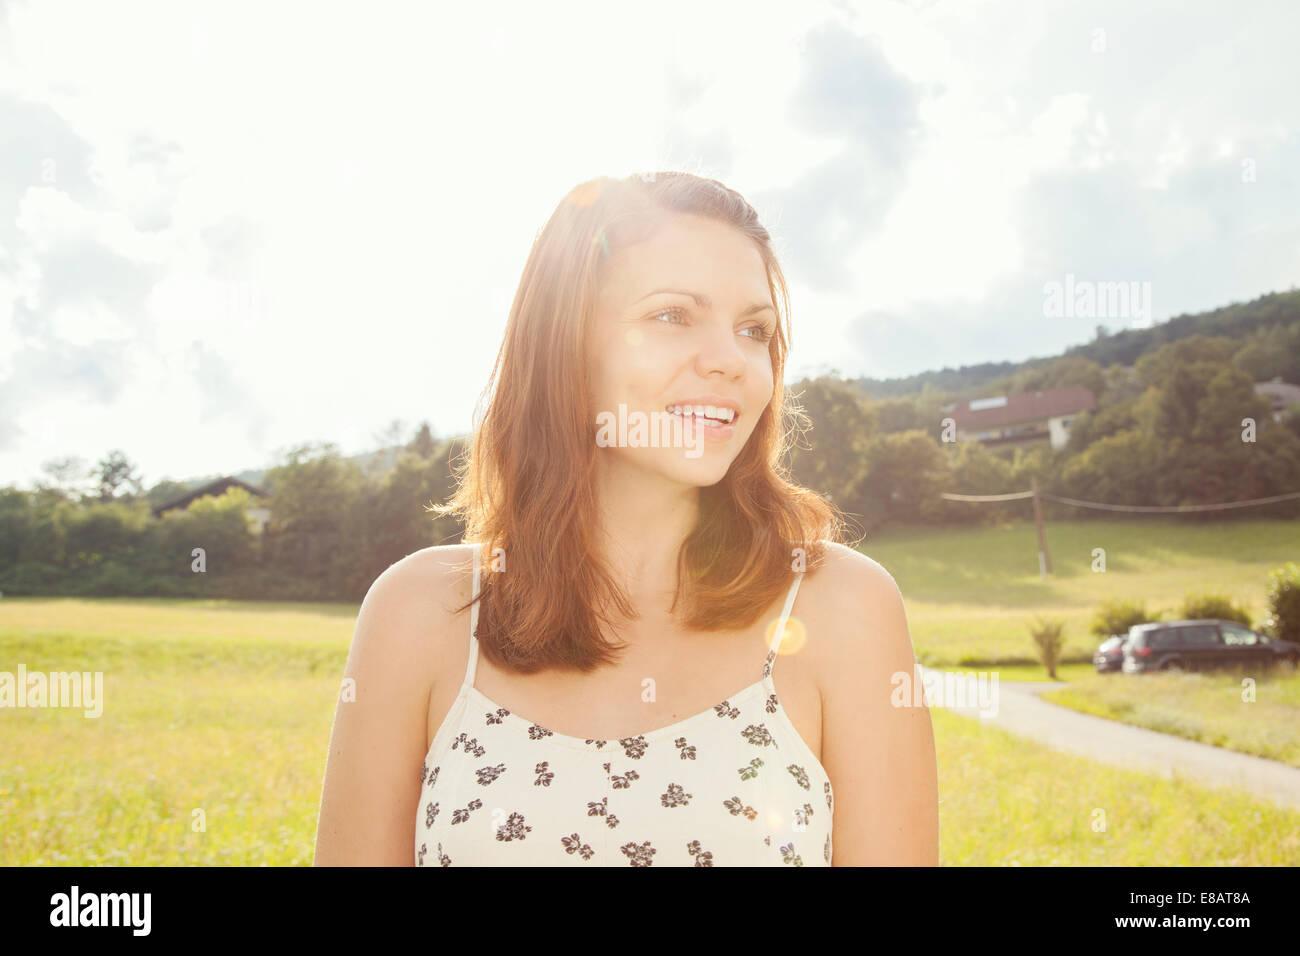 Jeune femme aux cheveux bruns, à l'écart Photo Stock